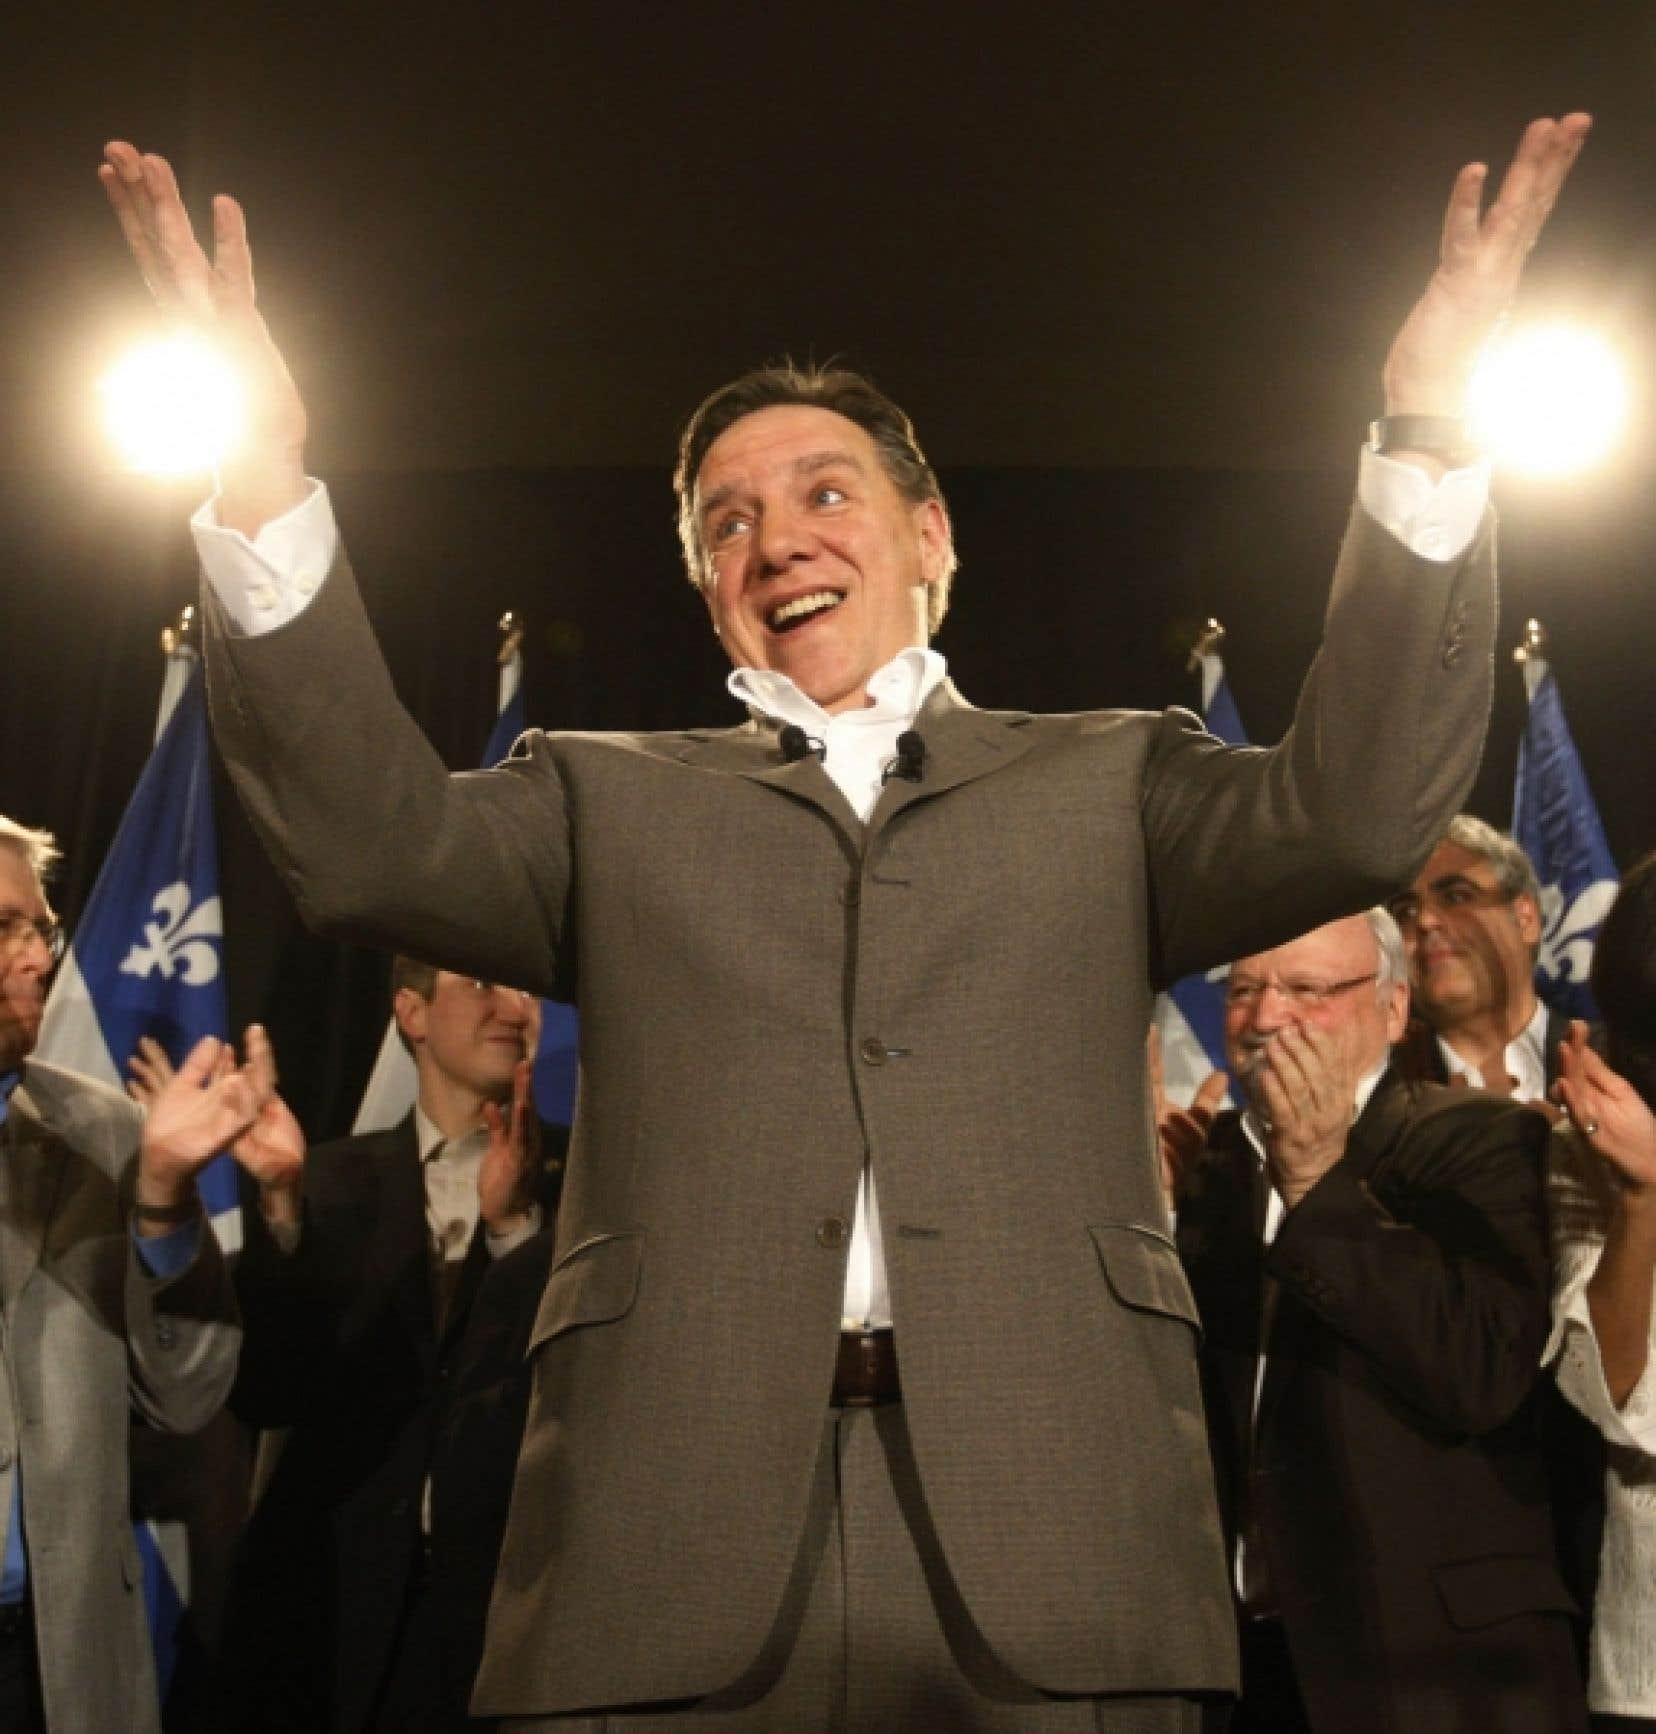 Le baromètre de cette fin de session parlementaire accorde pour la troisième fois de suite le premier rang au chef de la Coalition avenir Québec, François Legault.